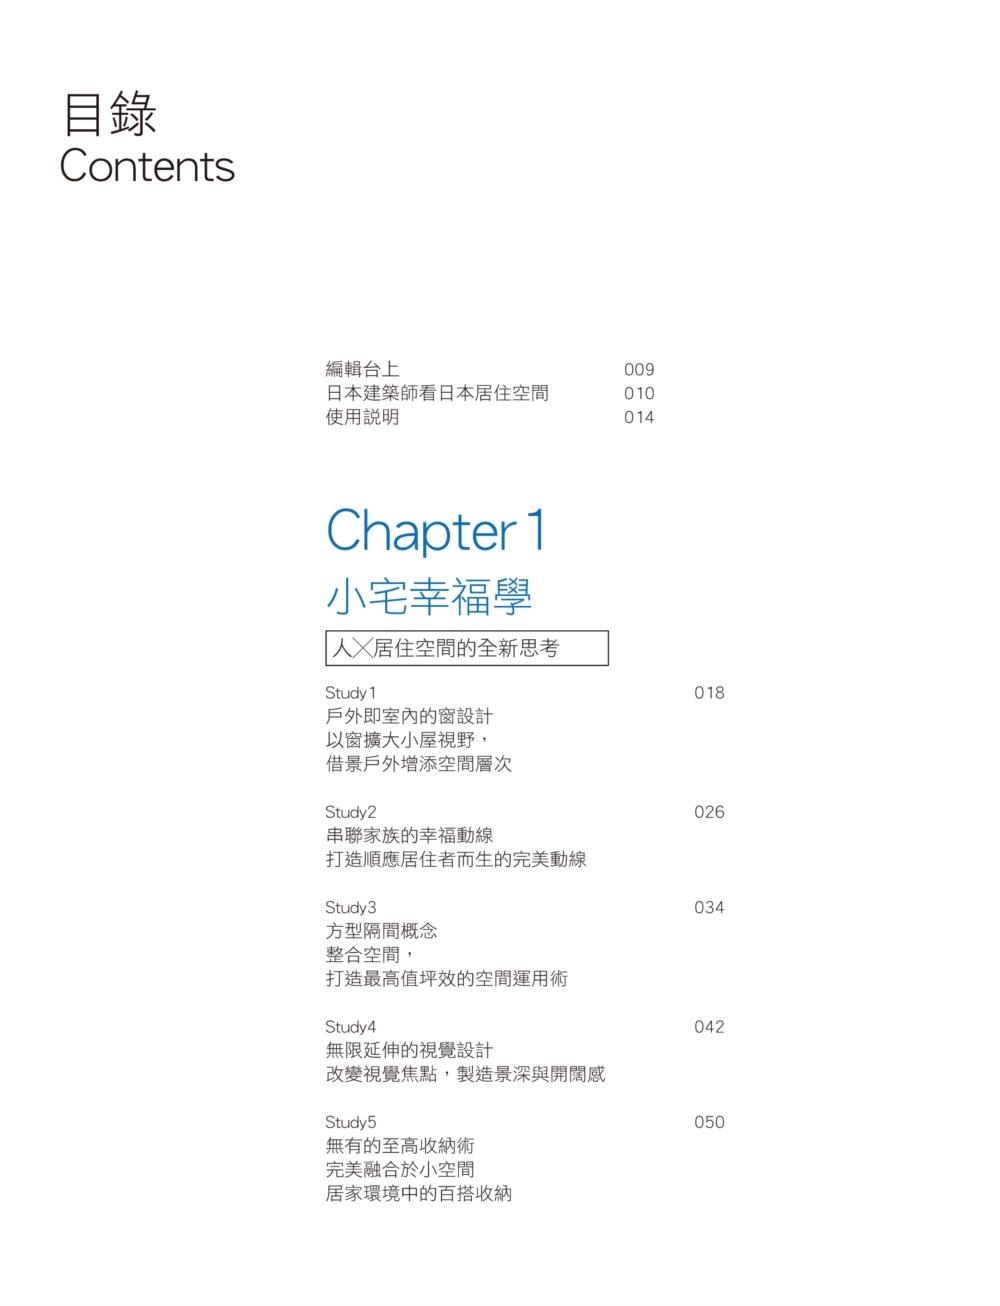 //im2.book.com.tw/image/getImage?i=http://www.books.com.tw/img/001/069/86/0010698618_bi_01.jpg&v=5666cd90&w=655&h=609